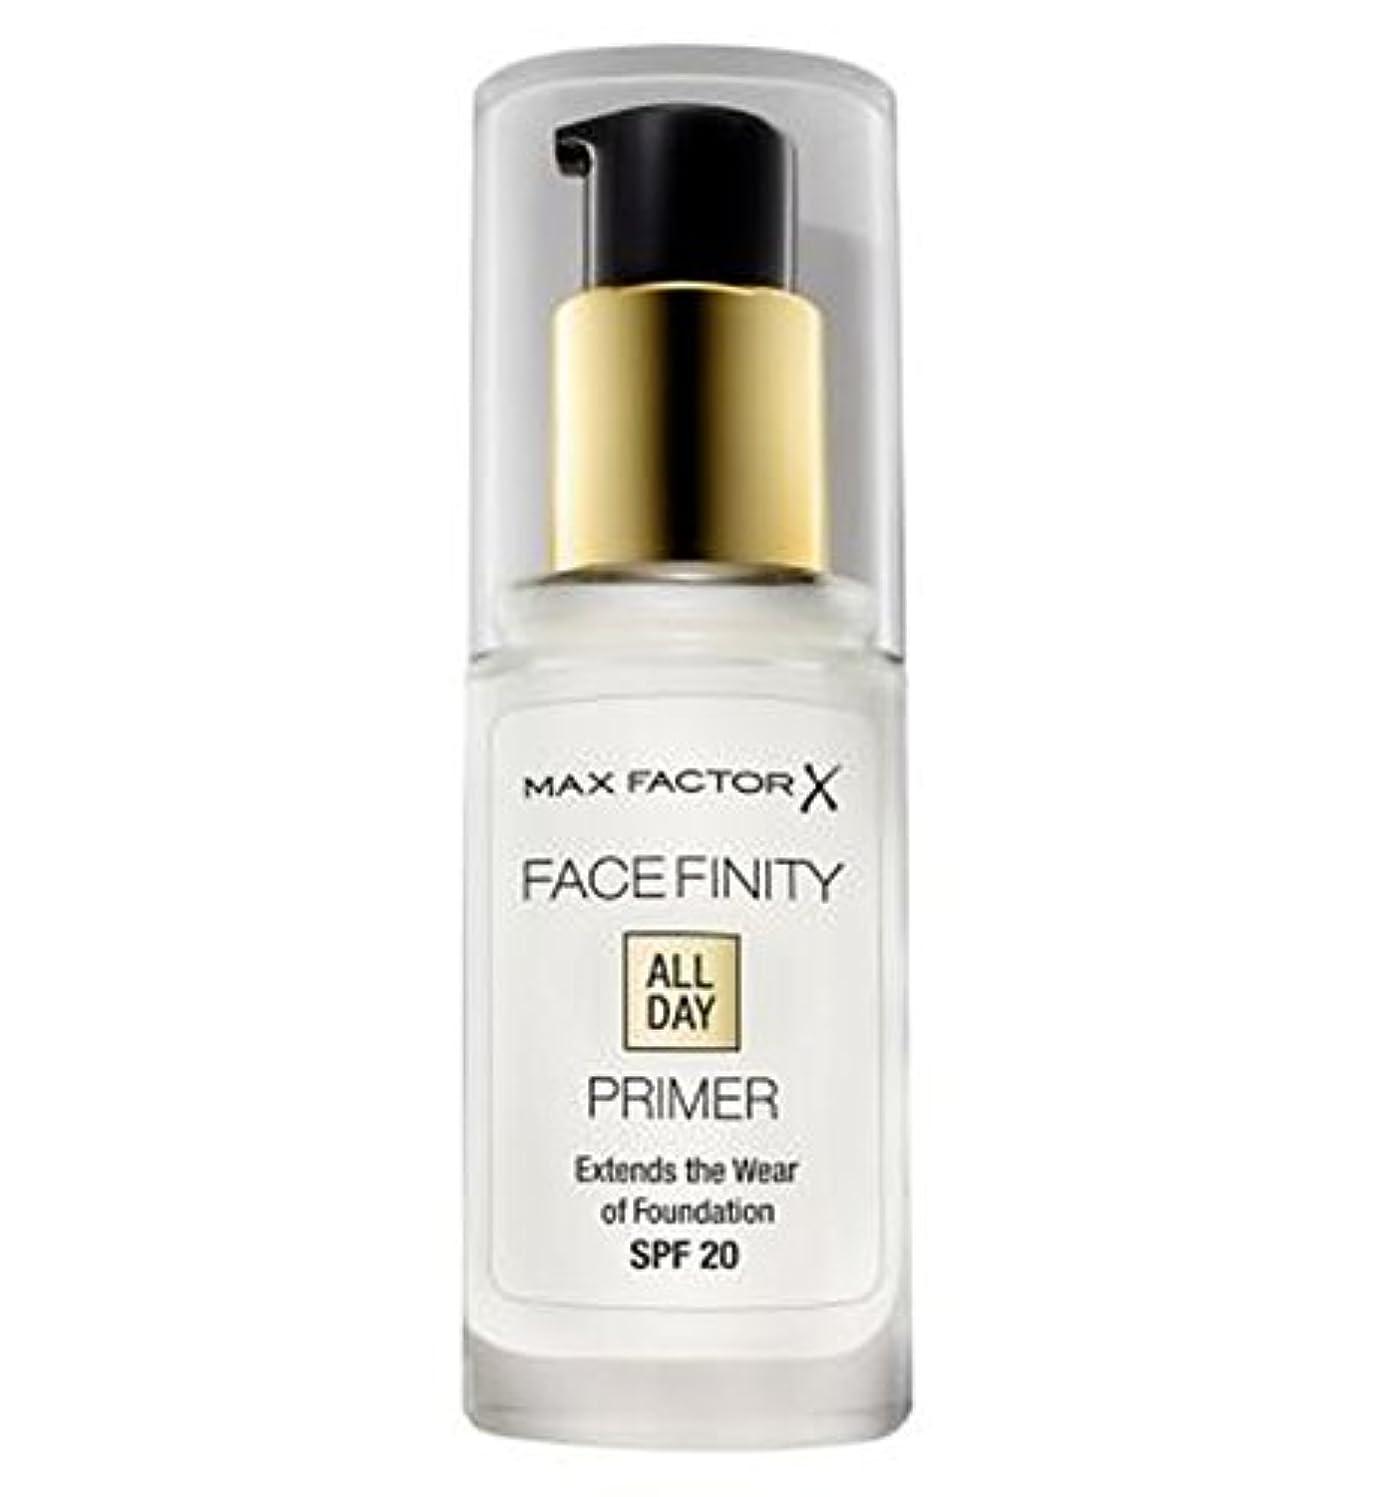 すずめ角度系譜Max Factor Facefinity All Day Primer - マックスファクターのFacefinity終日プライマー (Max Factor) [並行輸入品]